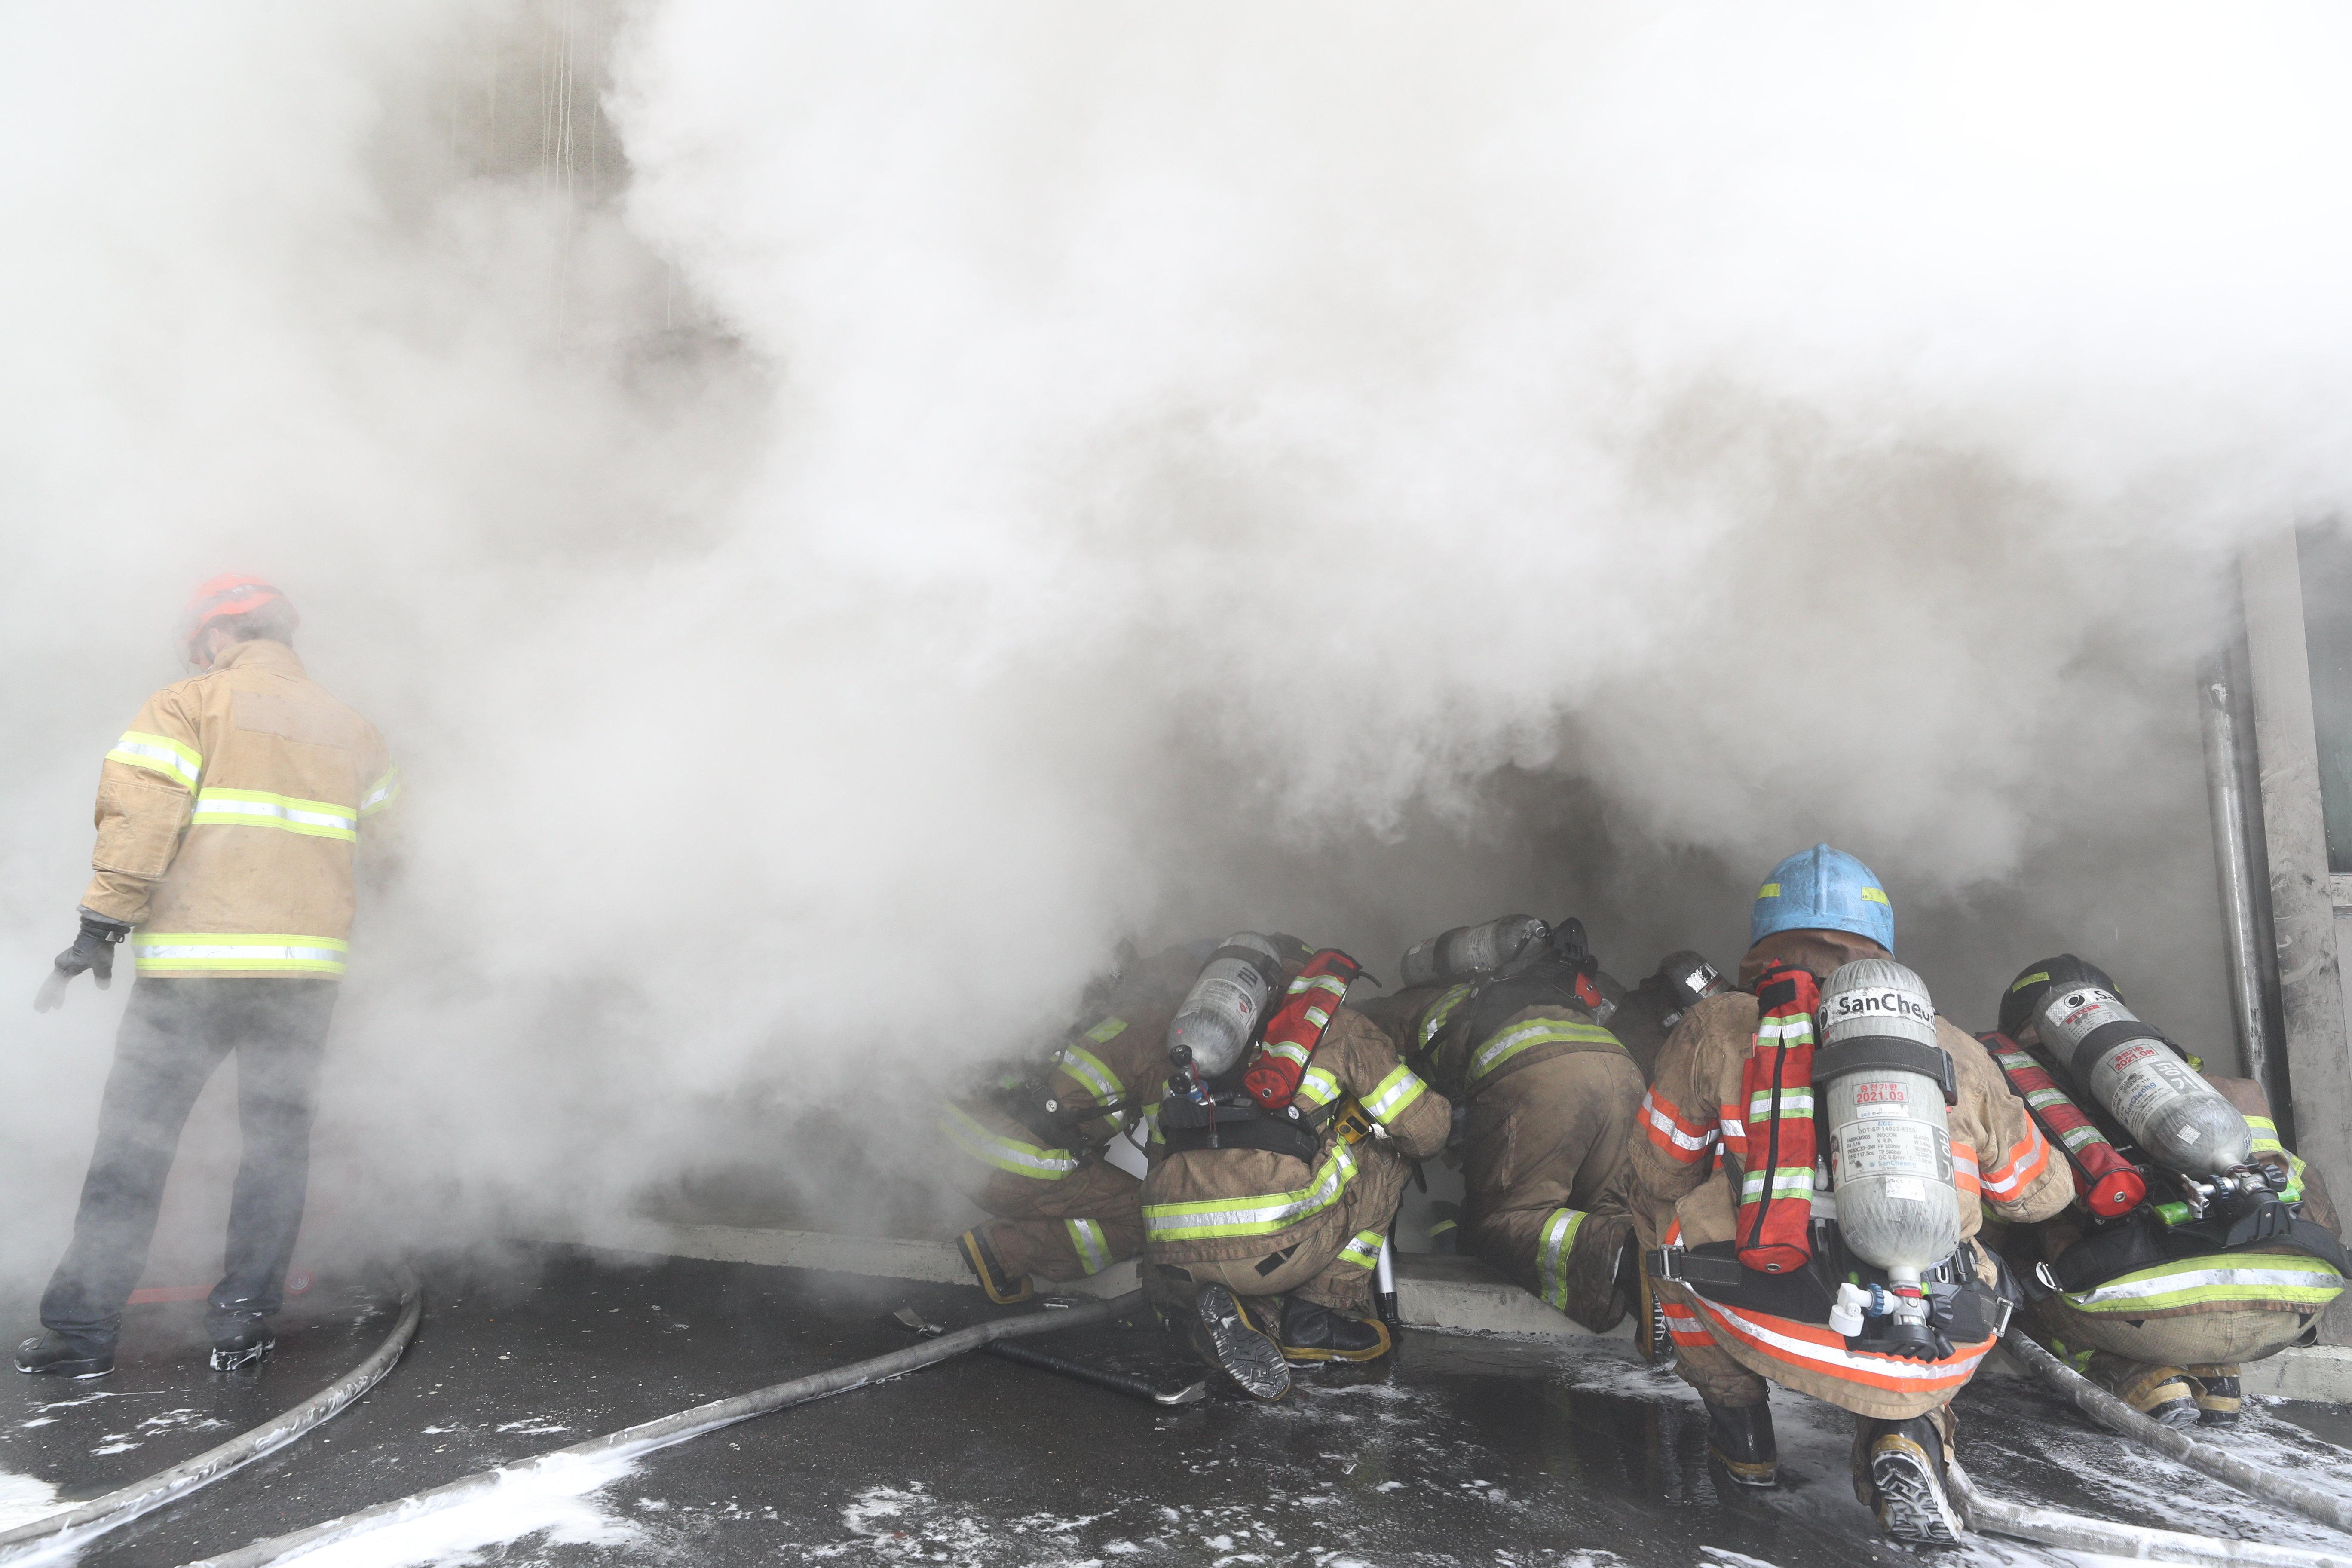 통신장애 일으킨 '서울 서대문구 KT 빌딩 화재' 현장